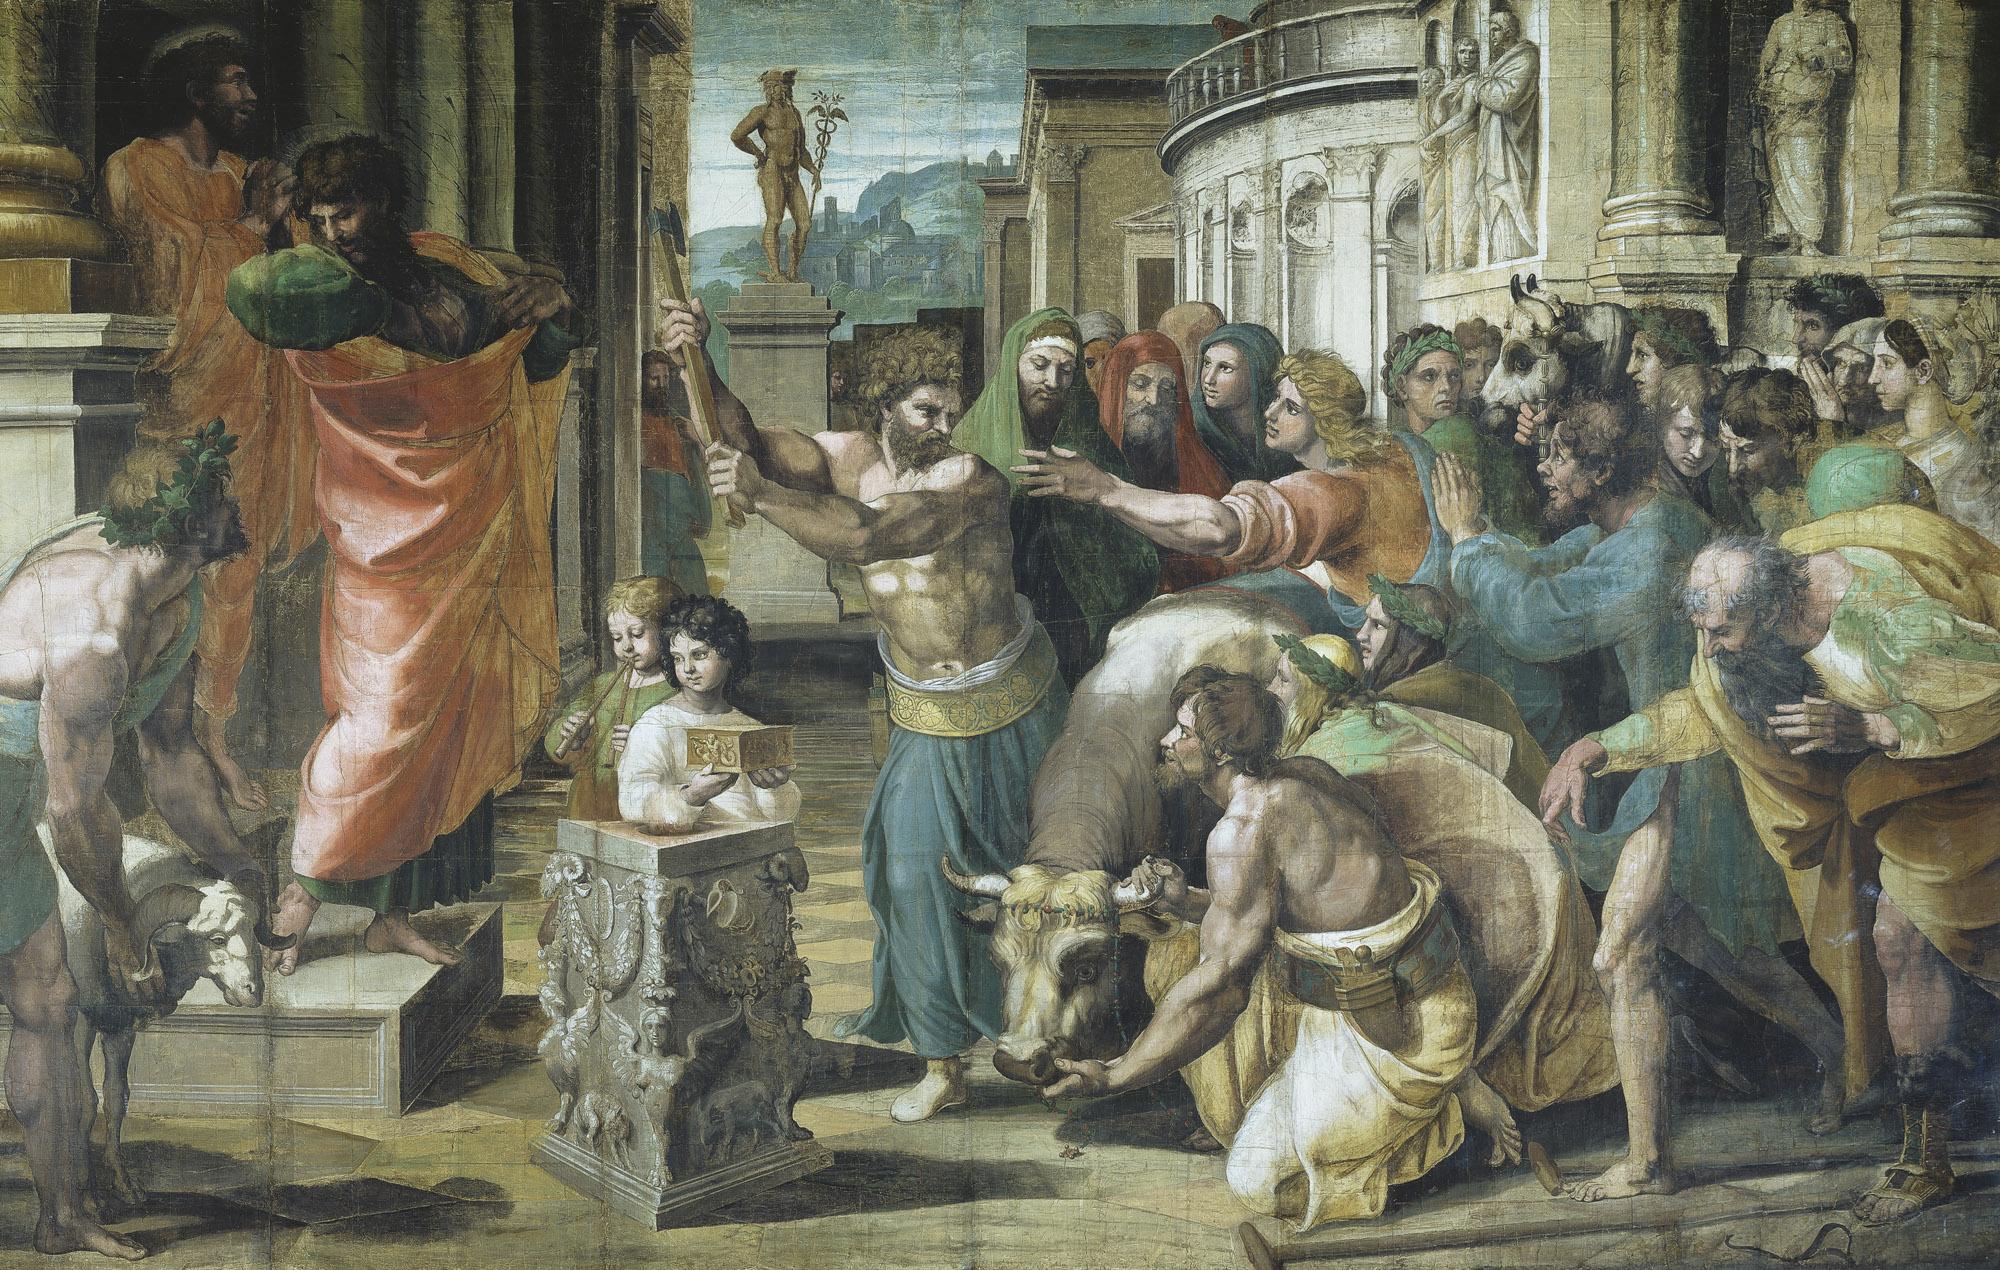 Файл:уиа - Рафаи, жертвоприношение в Листре (1515).Формат JPG